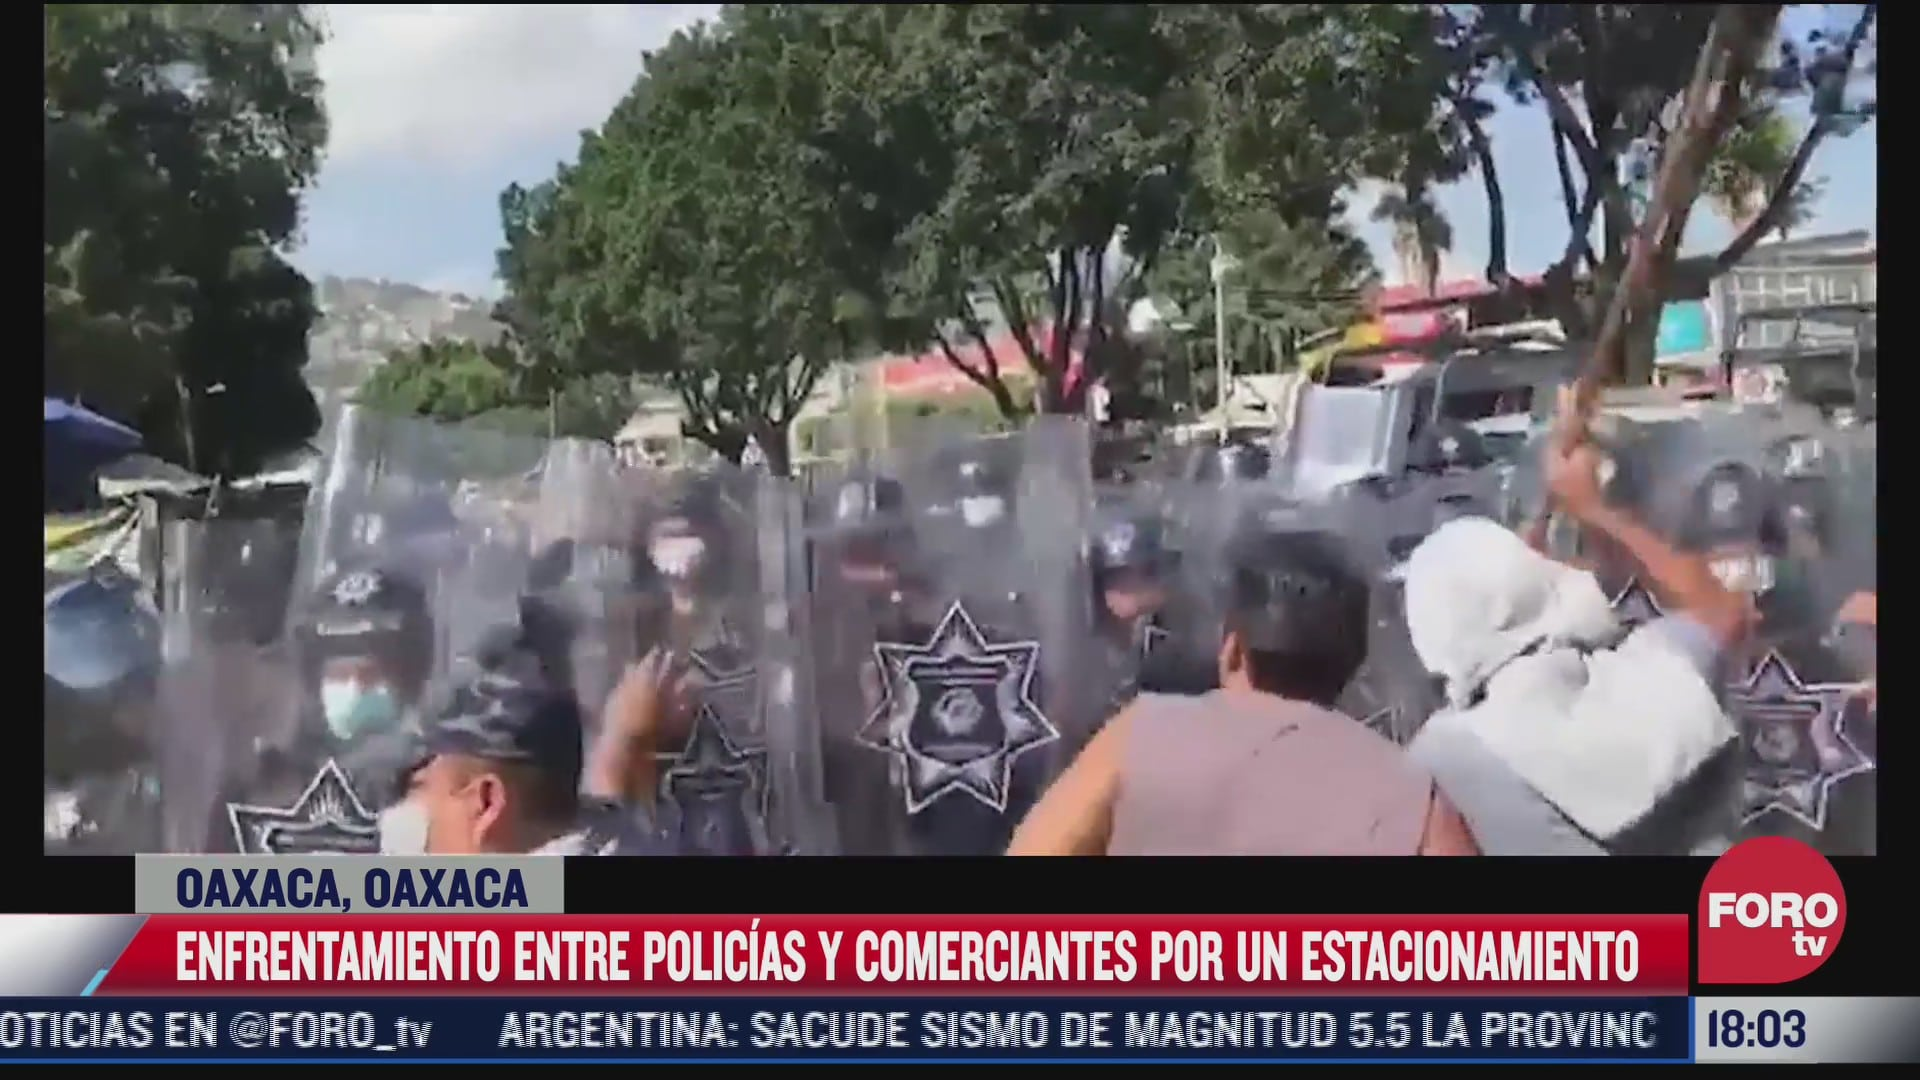 video enfrentamiento entre policias y comerciantes en oaxaca